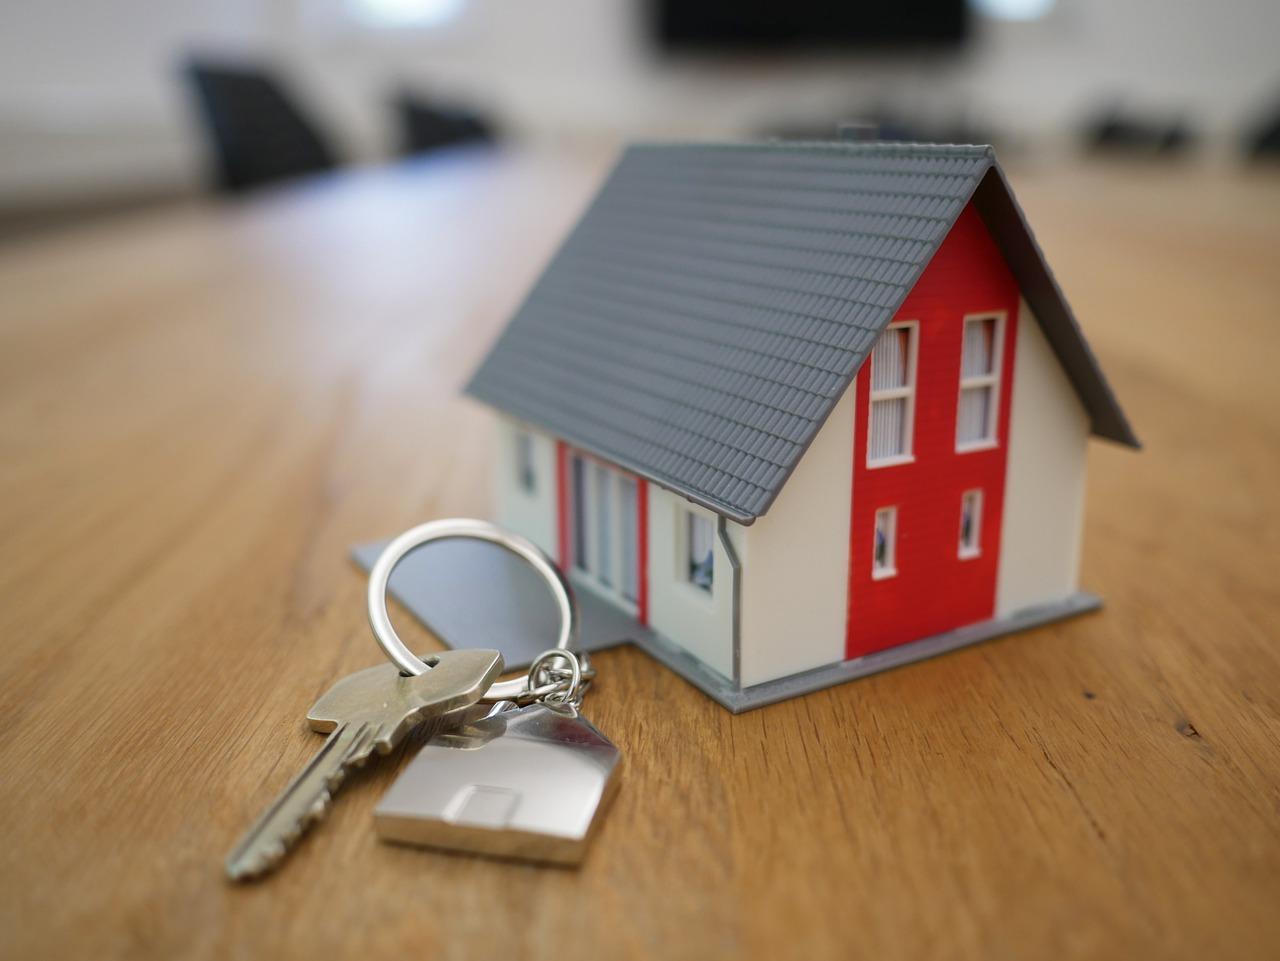 mon-immobilier.net_build-a-house-4503738_1280